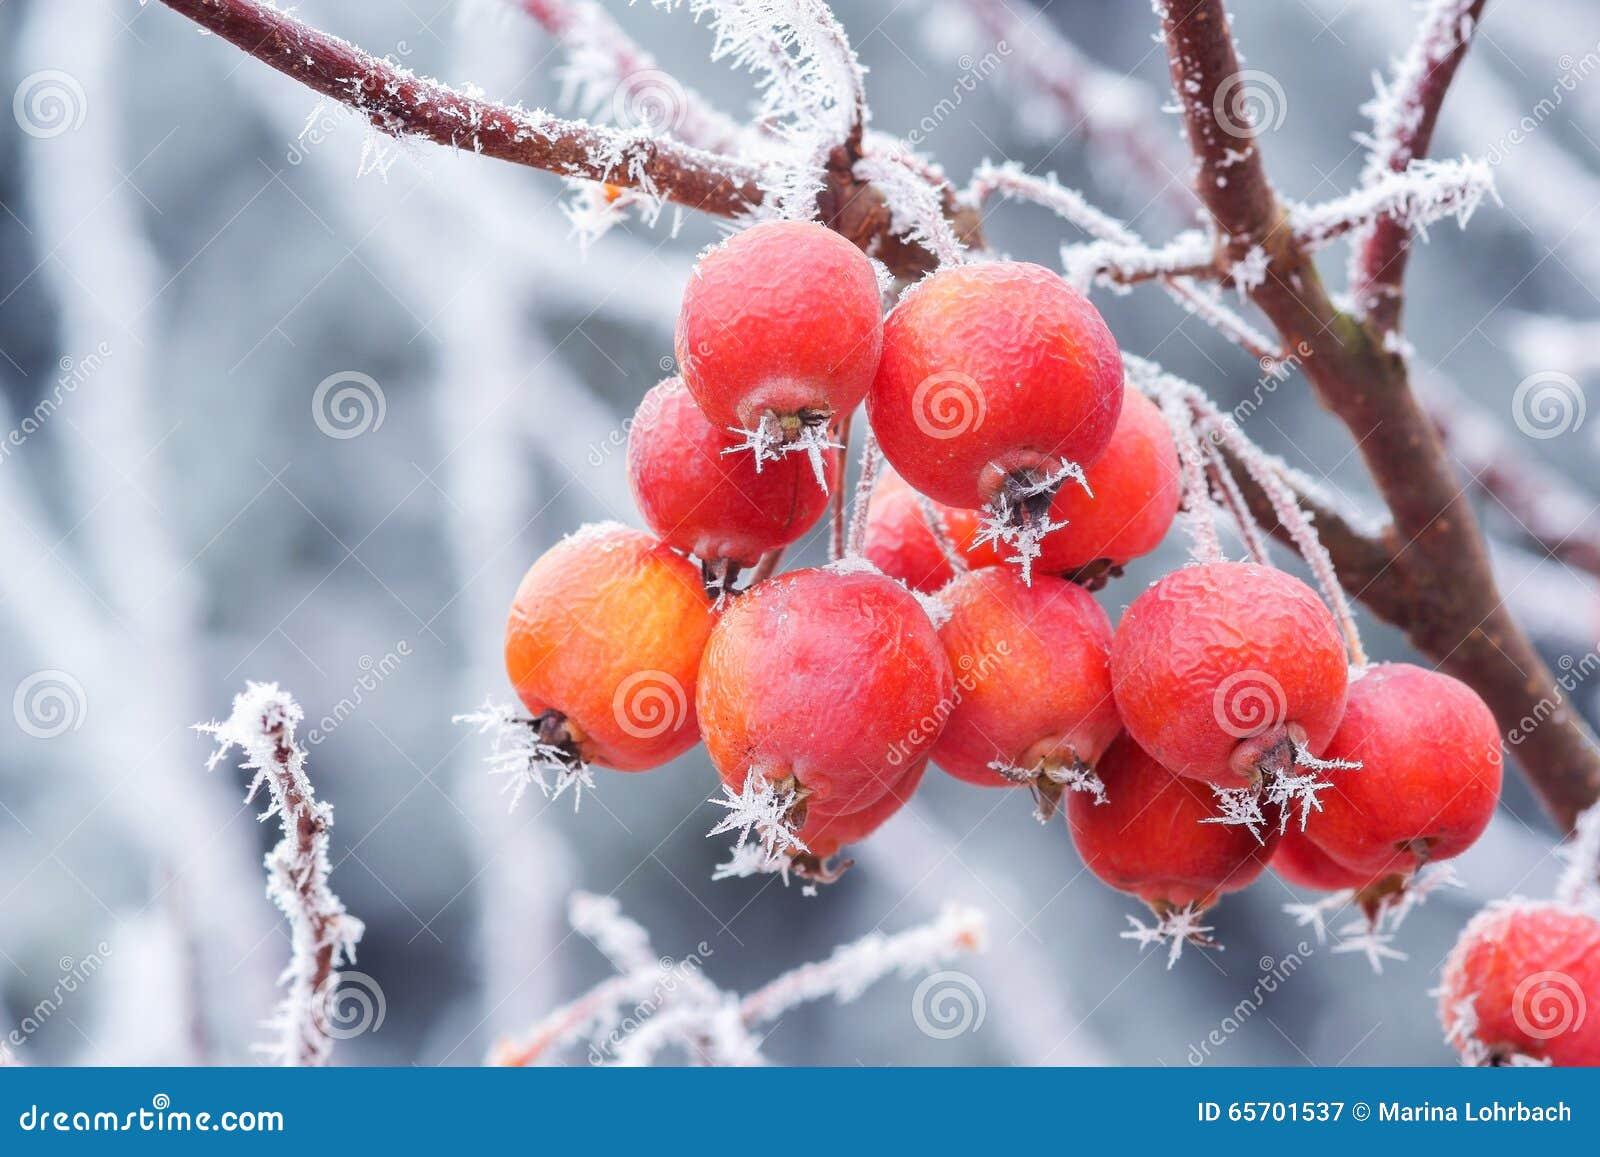 Ganz und zu Extrem Kleine Äpfel Im Winter Mit Eisnadeln Stockbild - Bild von apfel @NV_71